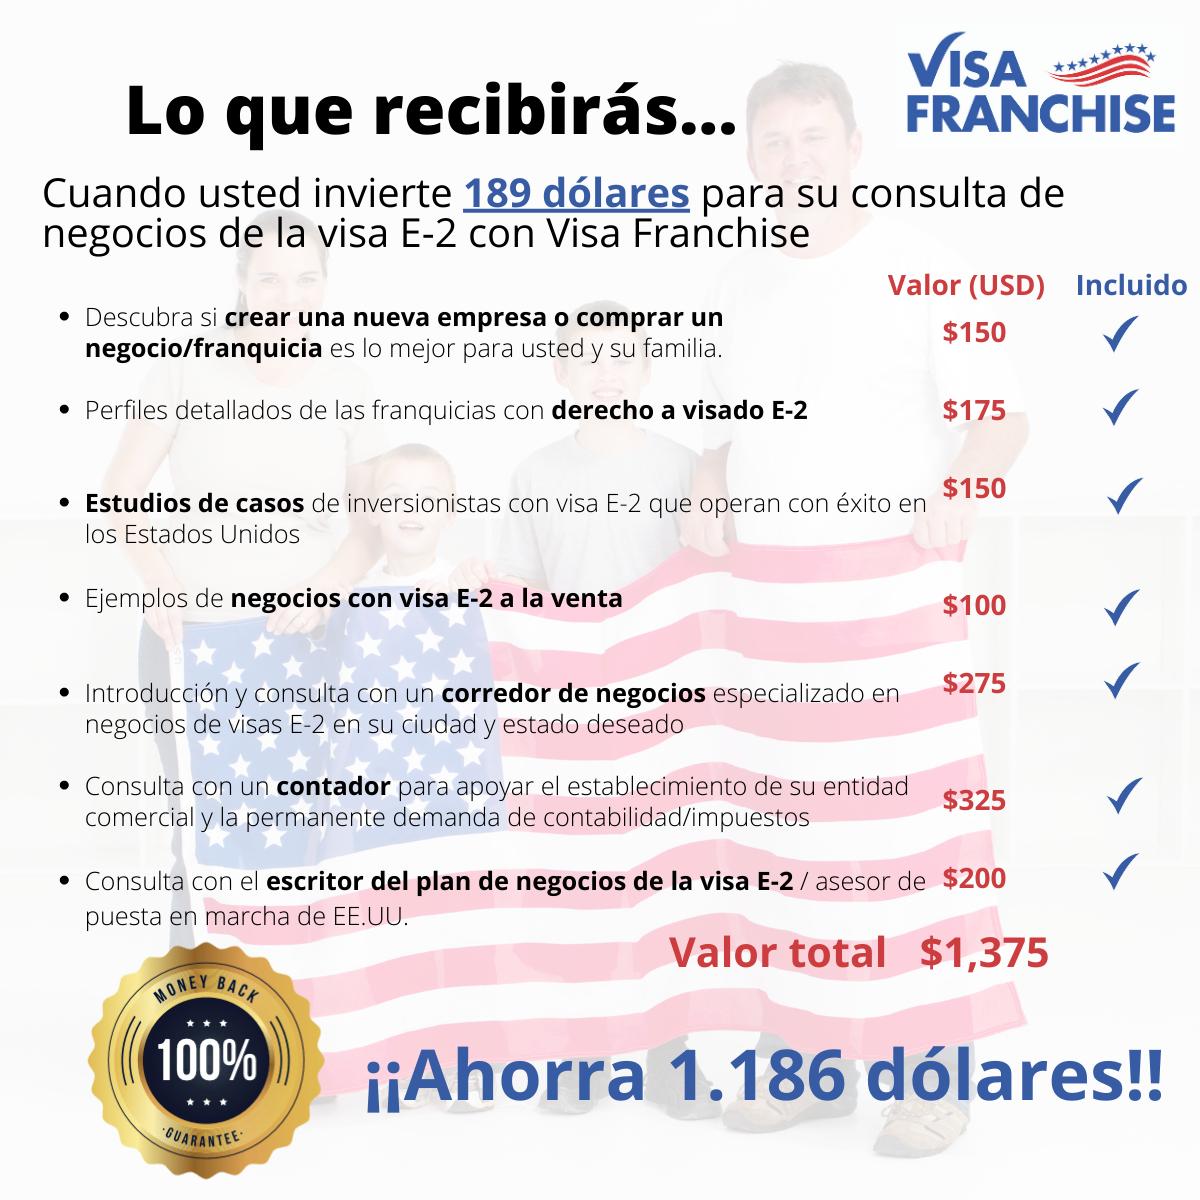 IAF- Visa Franchise E-2 Visa Business Consultation (2)